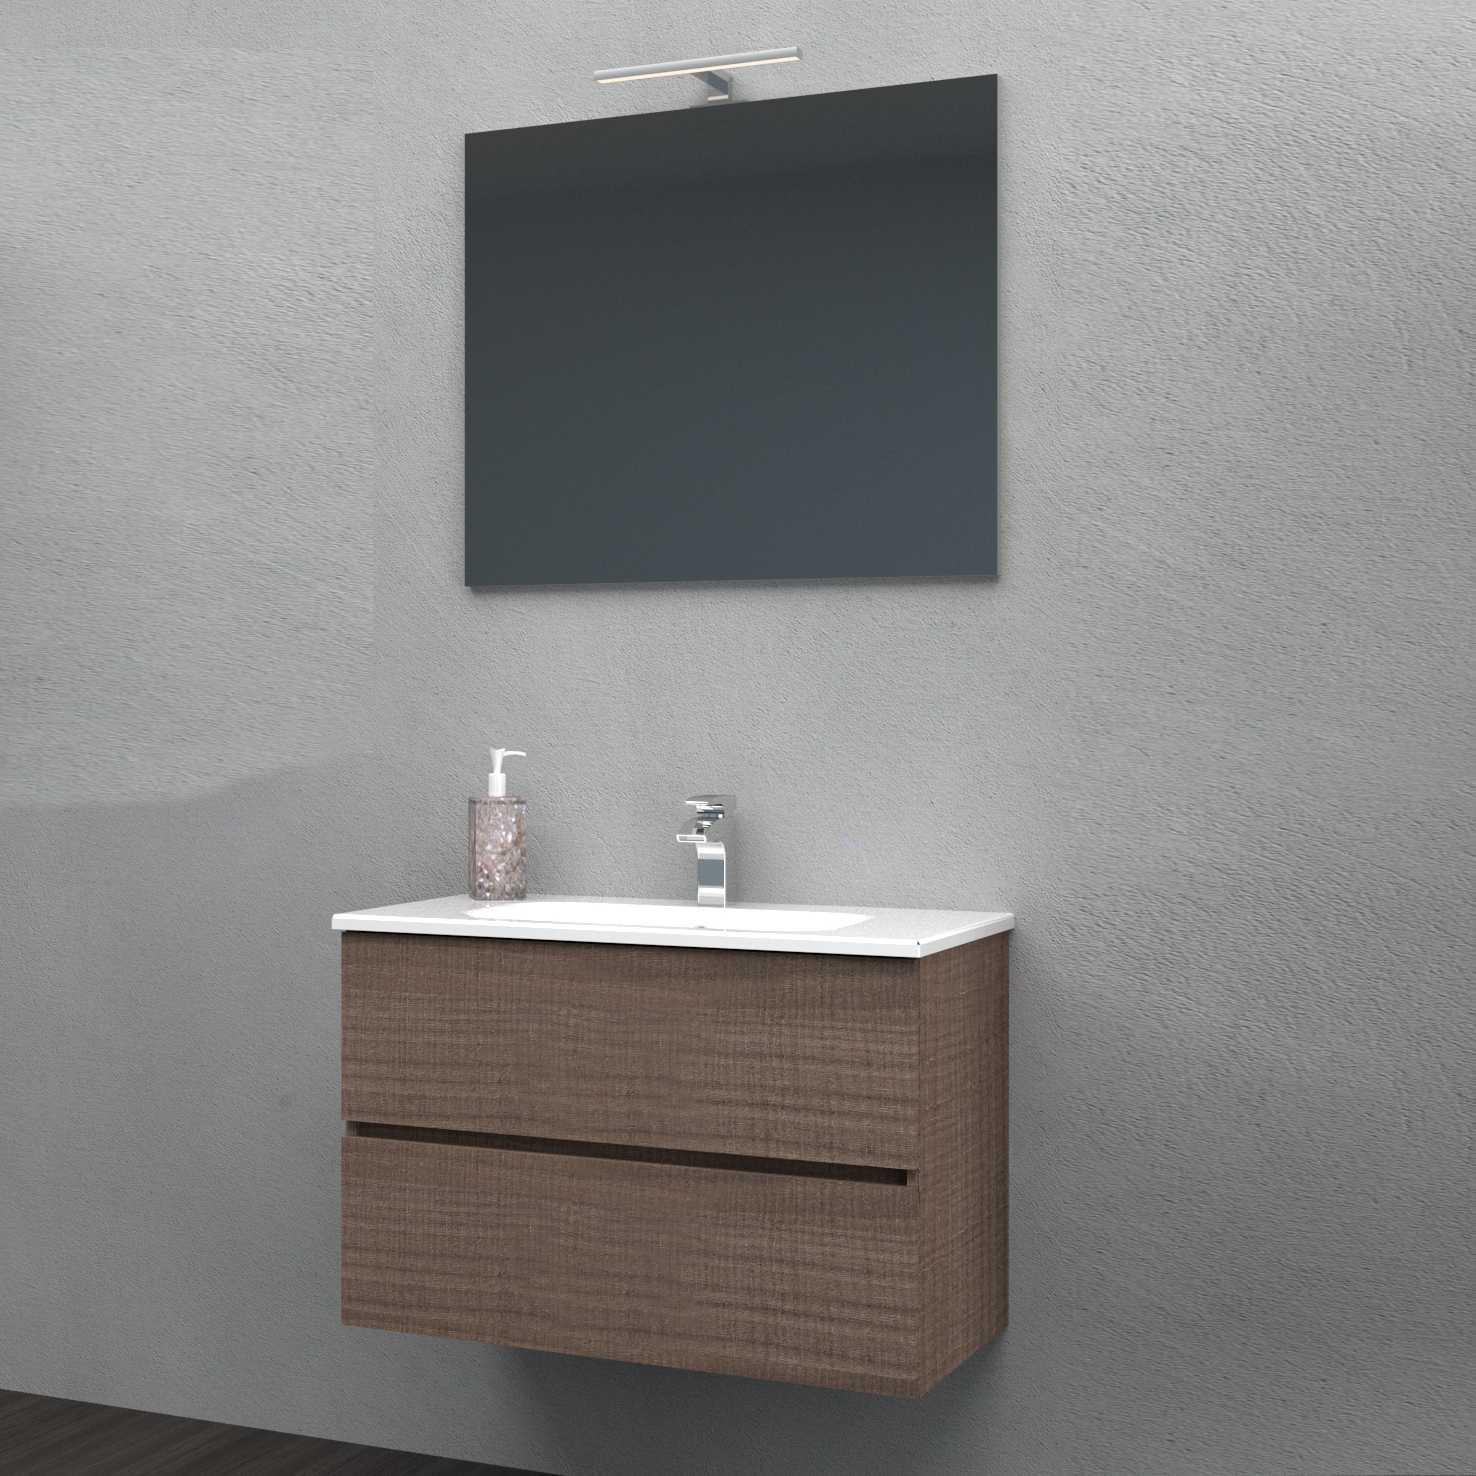 Mobile bagno sospeso KUBO 80x46 in noce tranchè con lavabo in mineralmarmo